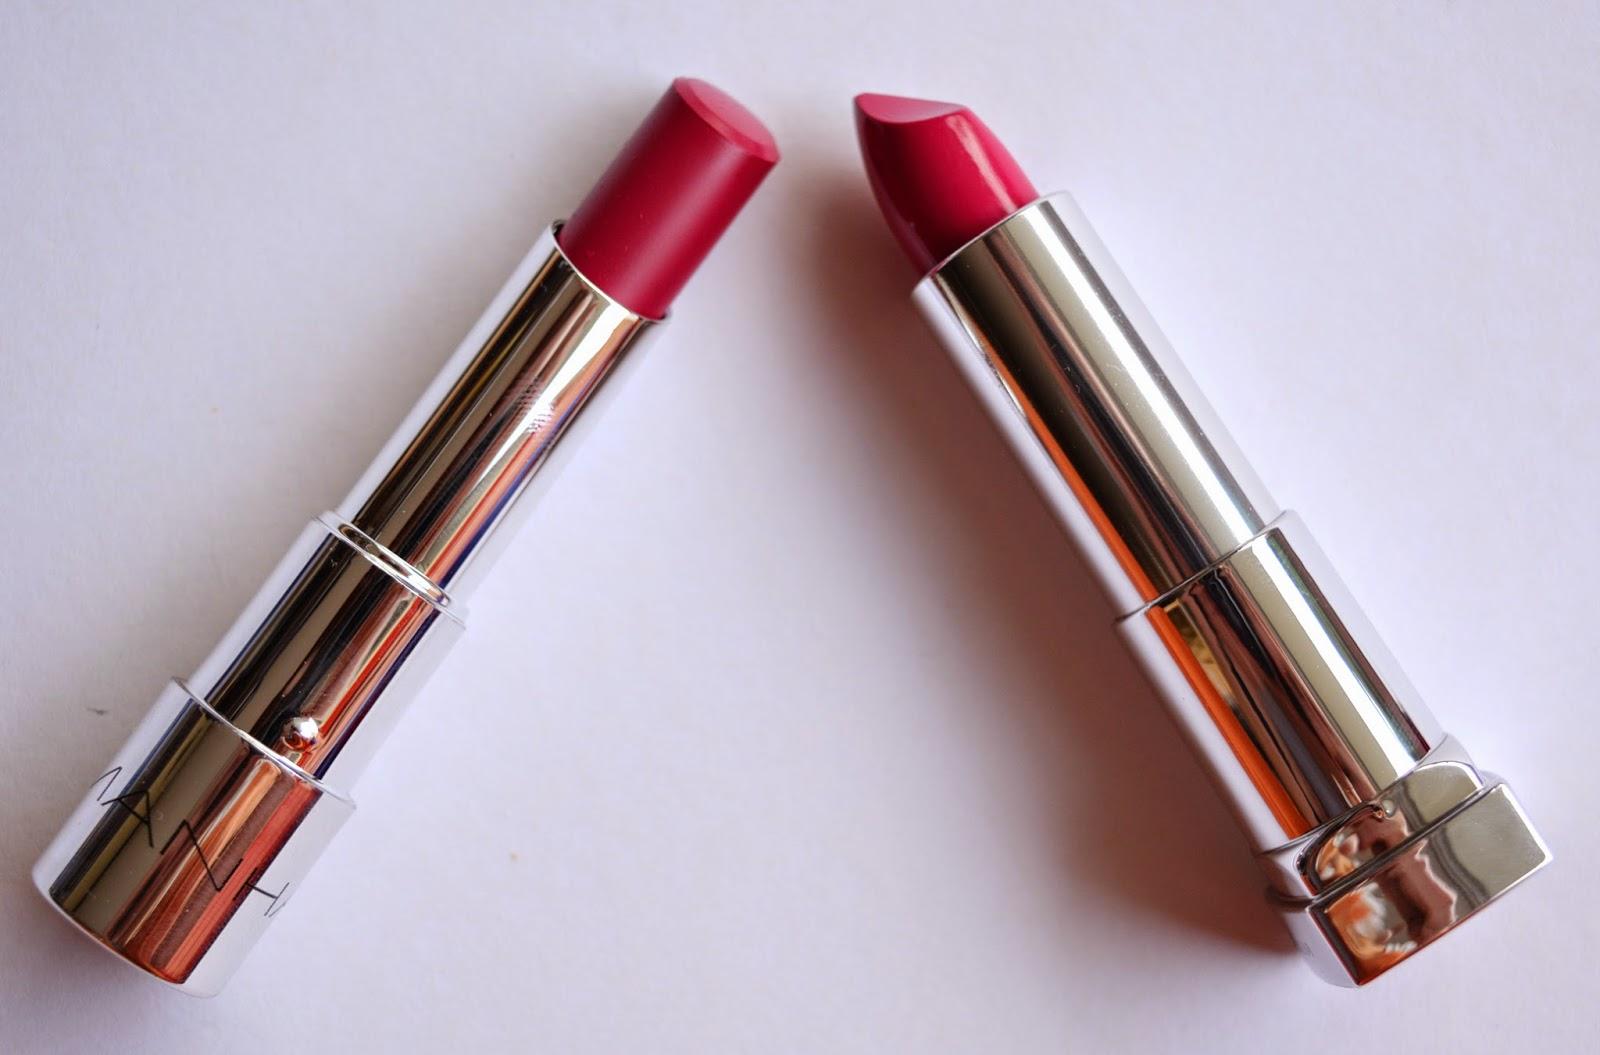 [Mädchenkram] Pink gegen Pink - Manhattan versus Maybelline